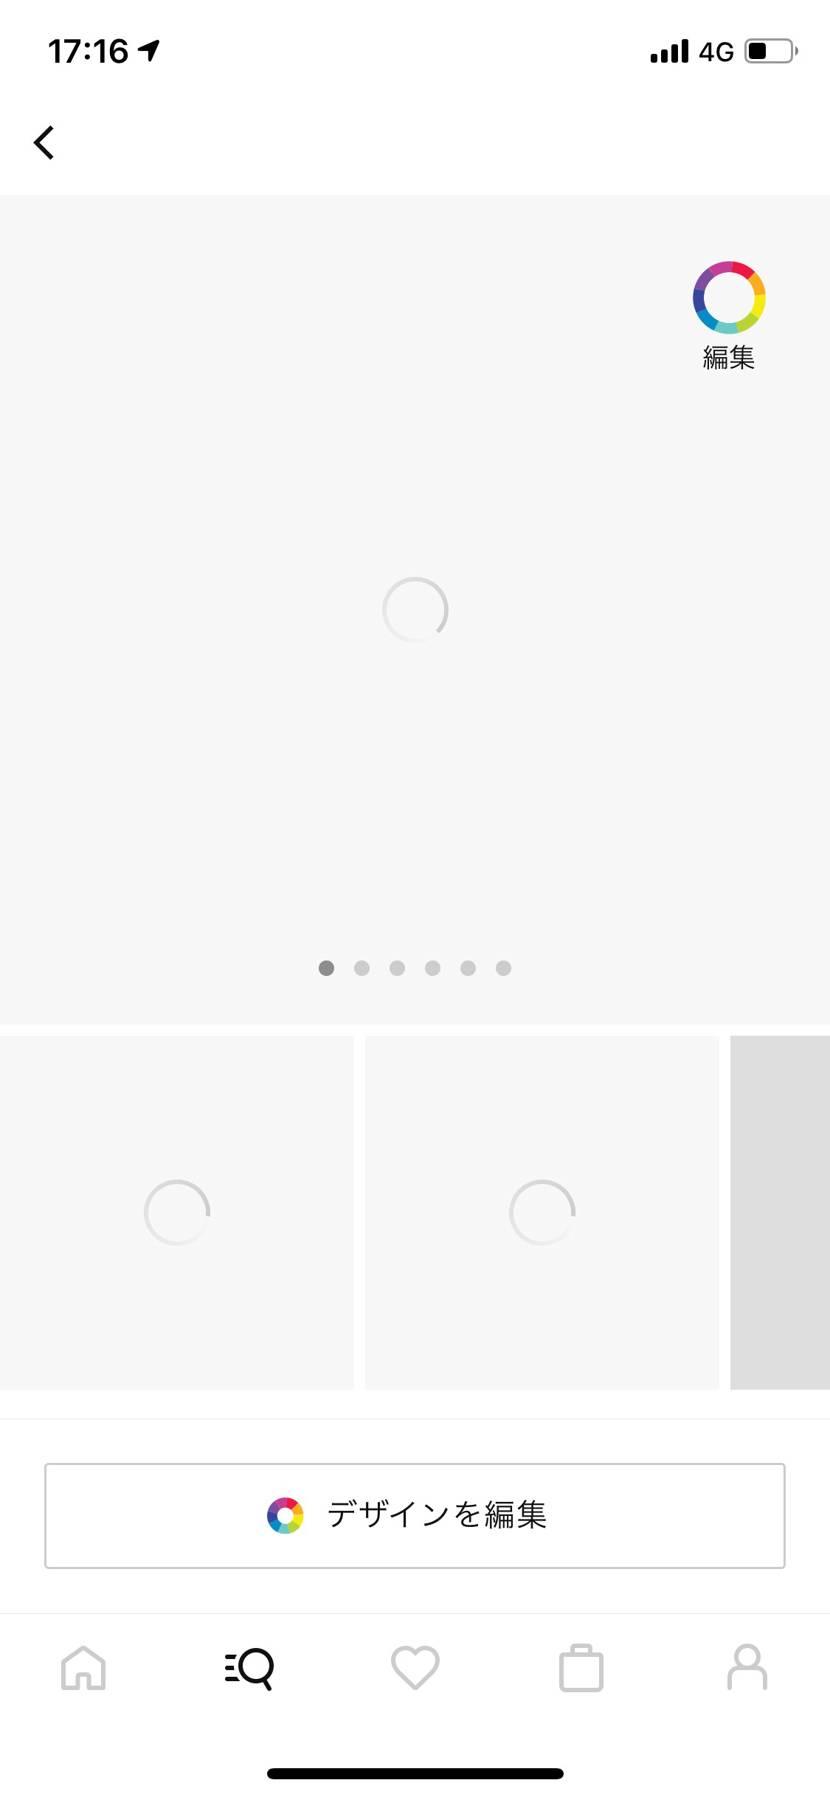 今朝からウェブ版ではイメージ保存できたのにアプリ版ではイメージ保存できずにずっと